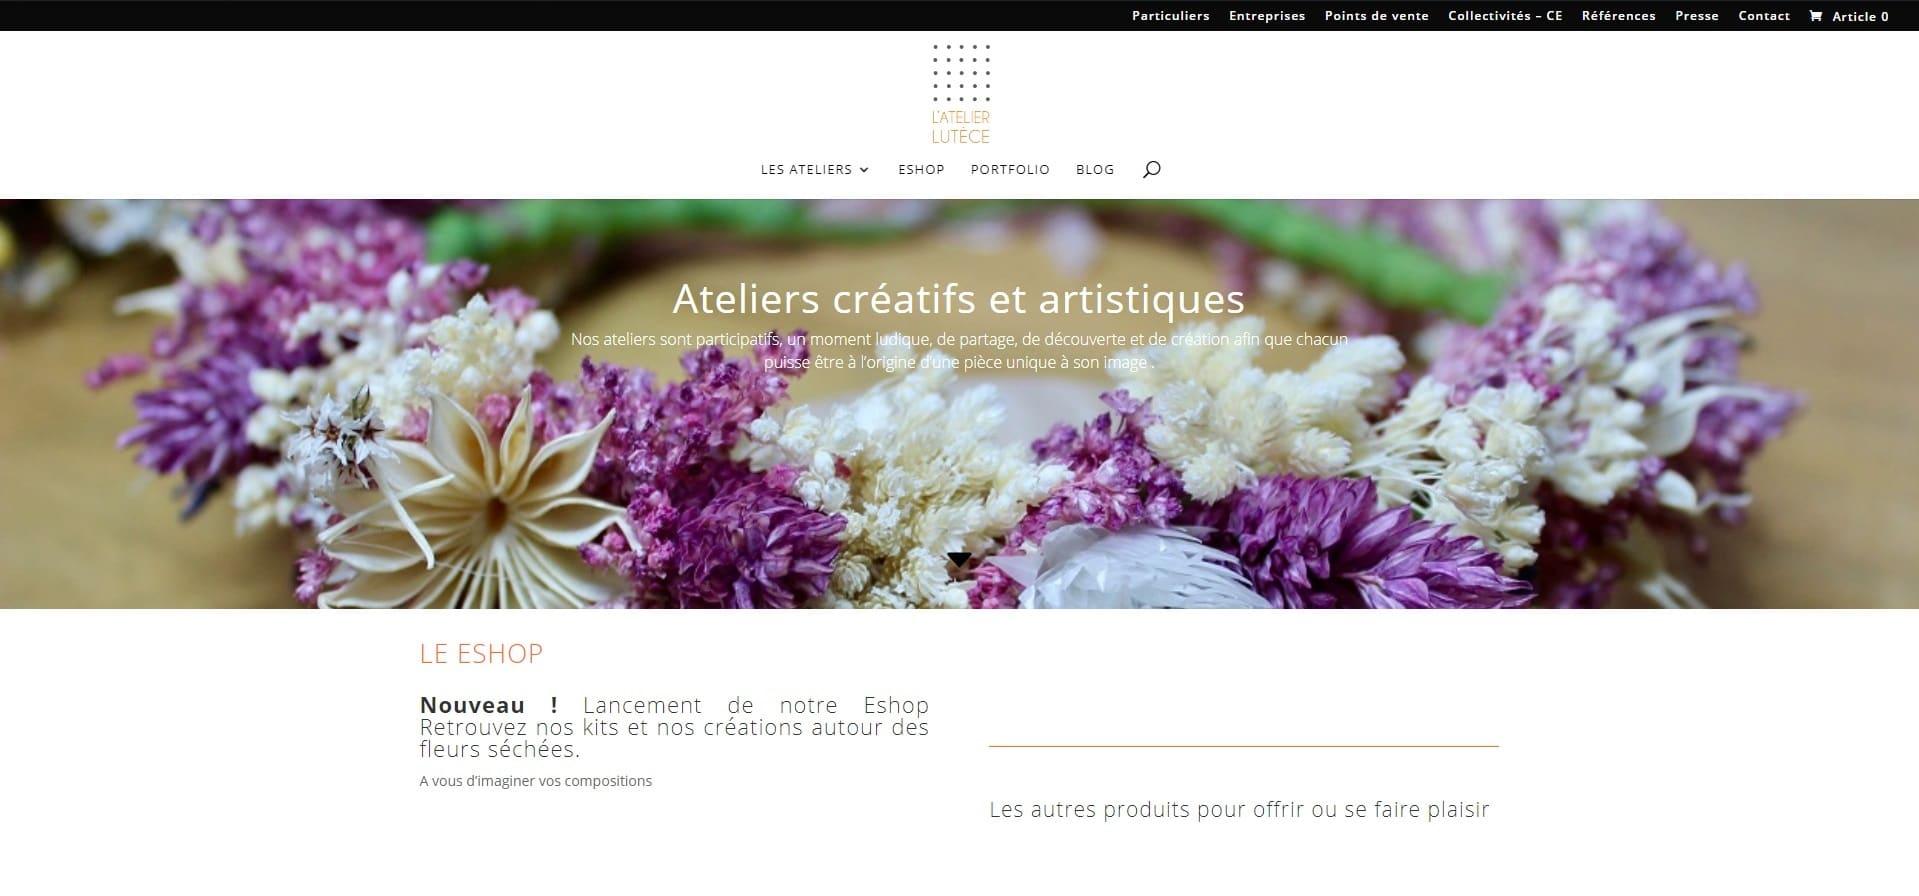 ATELIER LUTECE Ateliers créatifs et artistiques